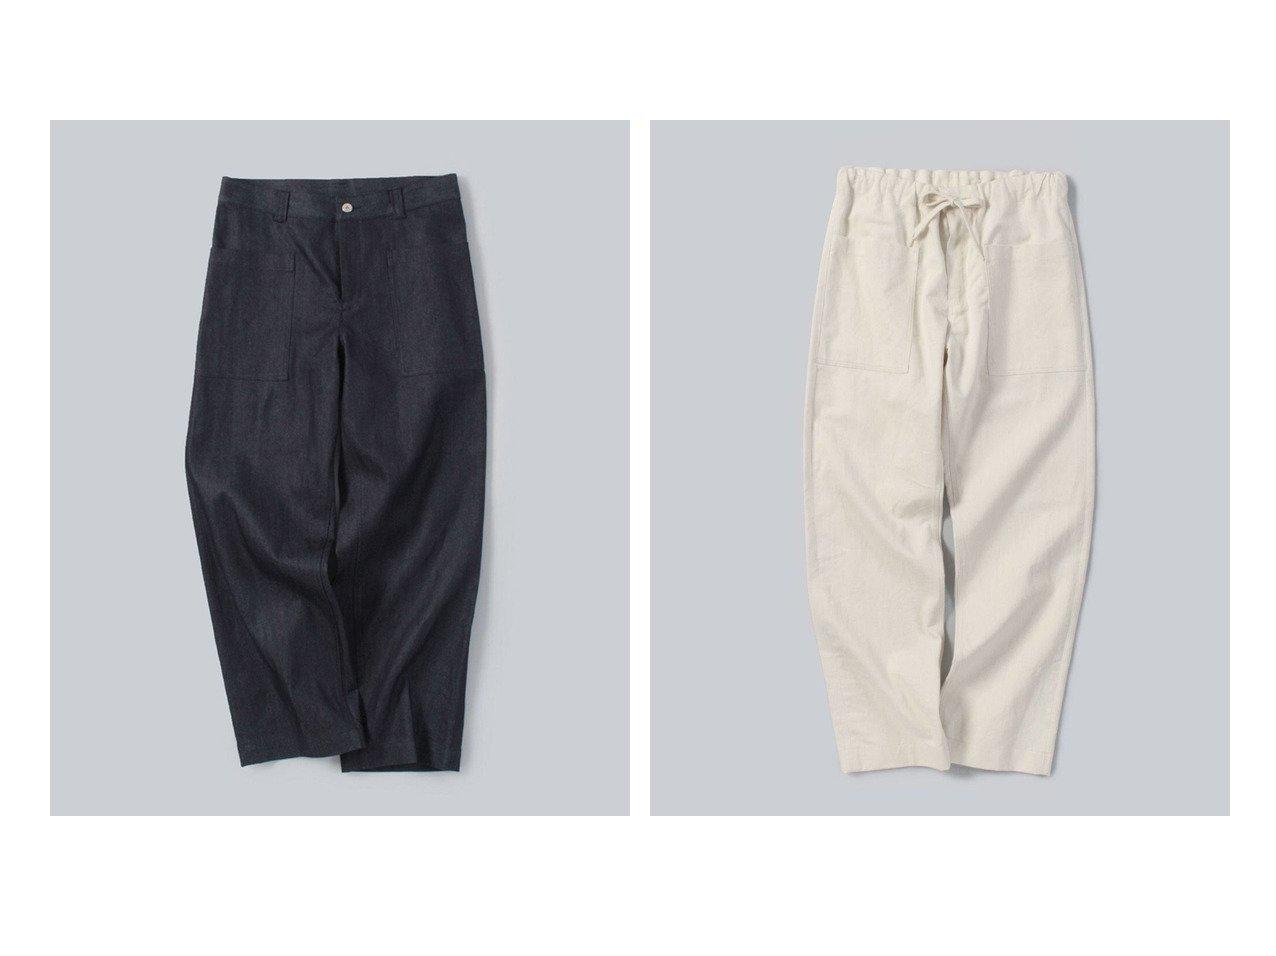 【WHITE MAILS/ホワイトメイルズ】のSELVEDGE DENIM WIDE デニムパンツ&DENIM EASY デニムパンツ おすすめ!人気、トレンド・レディースファッションの通販 おすすめで人気の流行・トレンド、ファッションの通販商品 インテリア・家具・メンズファッション・キッズファッション・レディースファッション・服の通販 founy(ファニー) https://founy.com/ ファッション Fashion レディースファッション WOMEN パンツ Pants デニムパンツ Denim Pants 送料無料 Free Shipping ジーンズ デニム ワイド おすすめ Recommend インディゴ ポケット ルーズ |ID:crp329100000070629